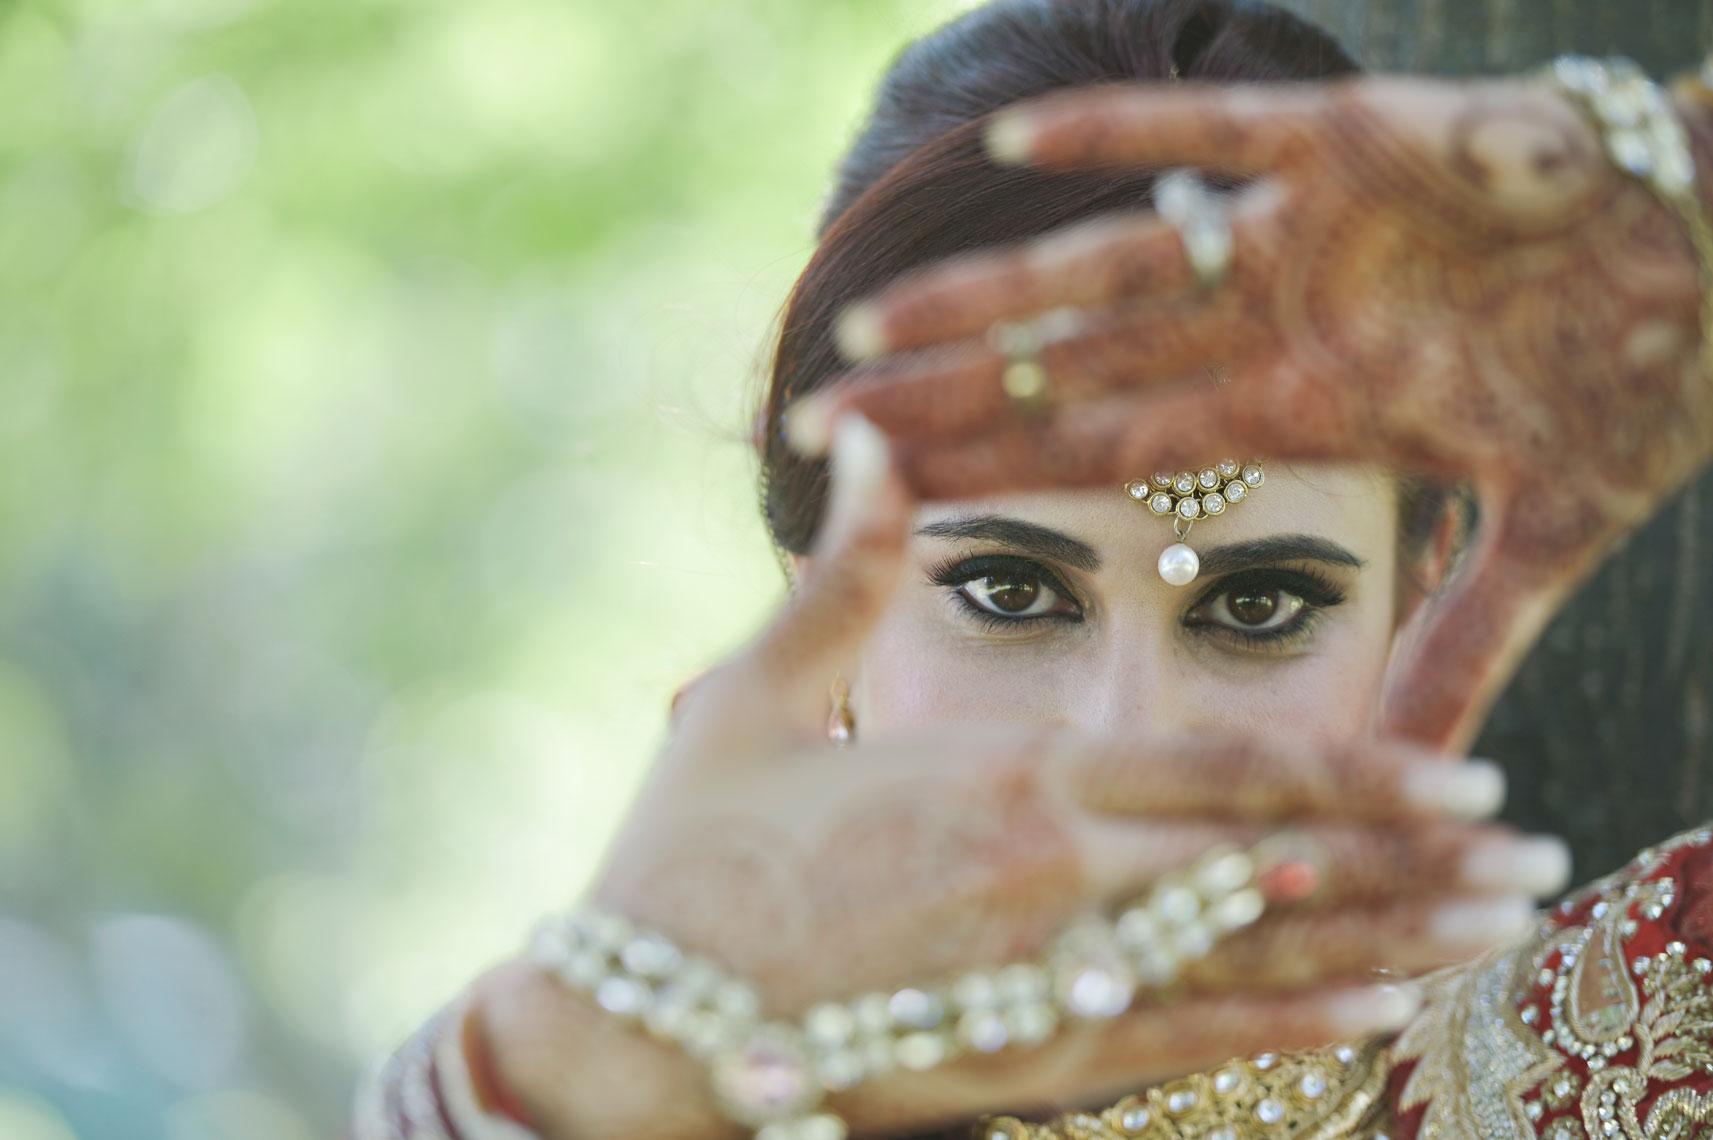 indianwedding-nj-010